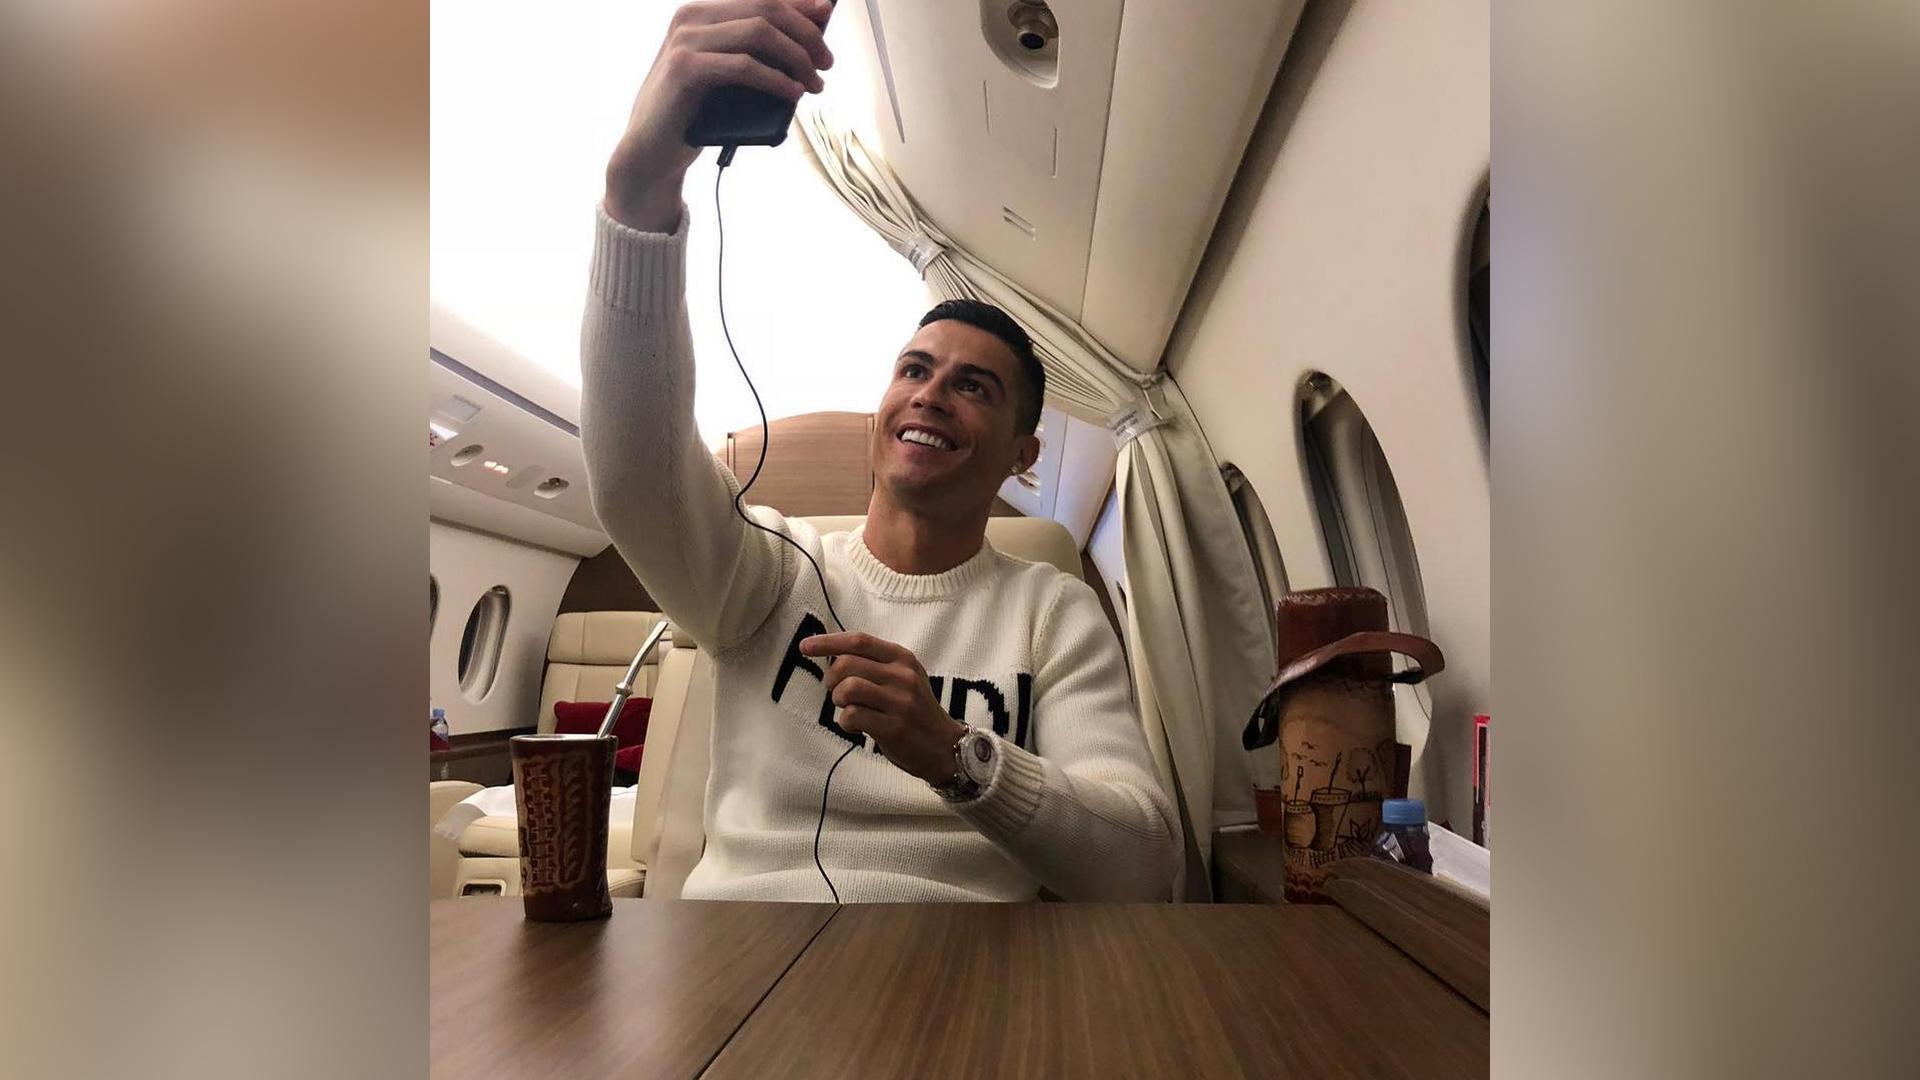 Cristiano Ronaldo se tomó esta fotografía en su avión privado después de comparecer ante la justicia española. (Foto Prensa Libre: Instagram @cristiano)